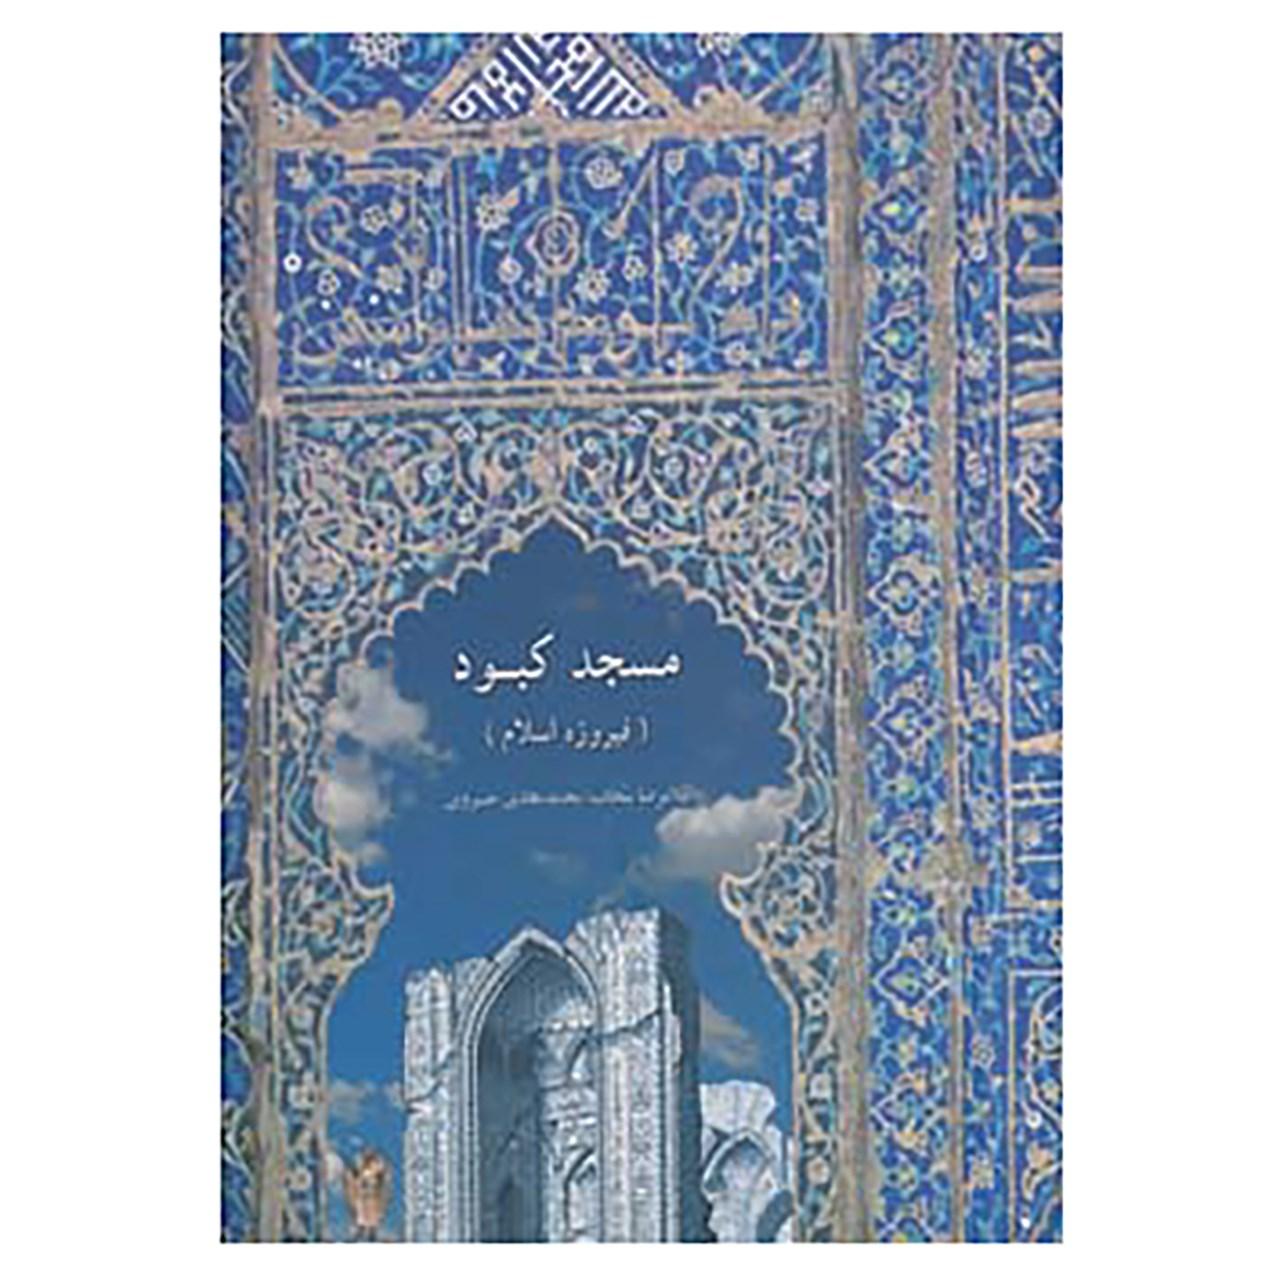 کتاب مسجد کبود اثر غلامرضا سحاب،محمدهادی خسروی